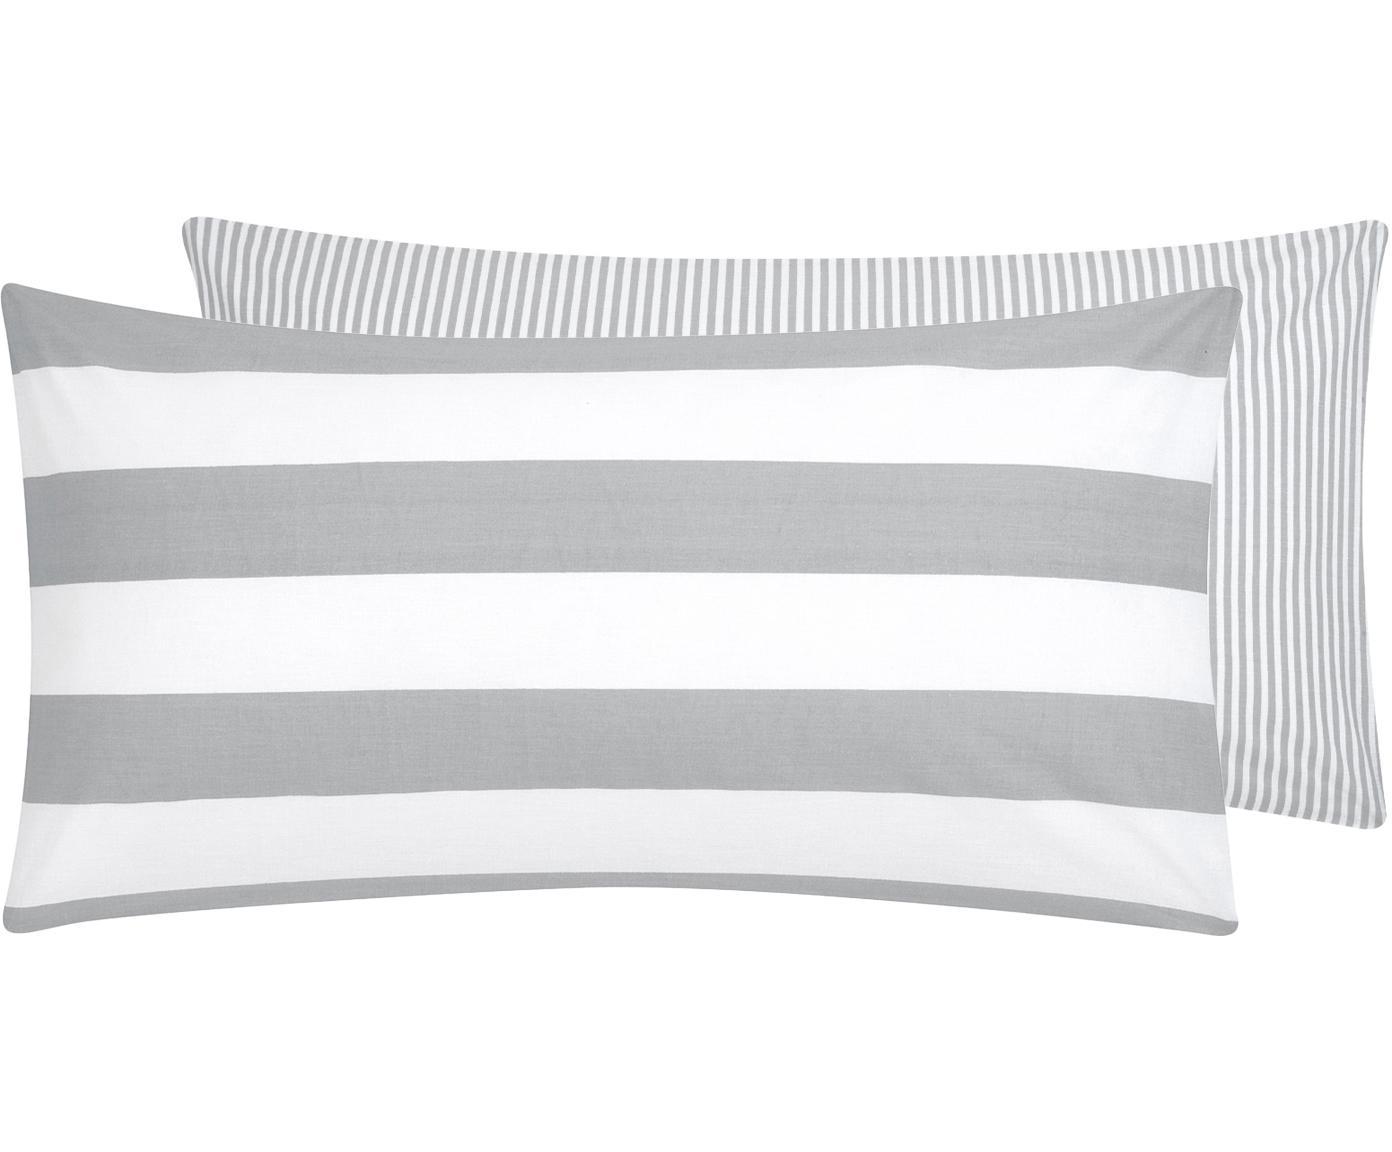 Dwustronna poszewka na poduszkę z bawełny renforcé Lorena, 2 szt., Biały, jasny szary, S 40 x D 80 cm